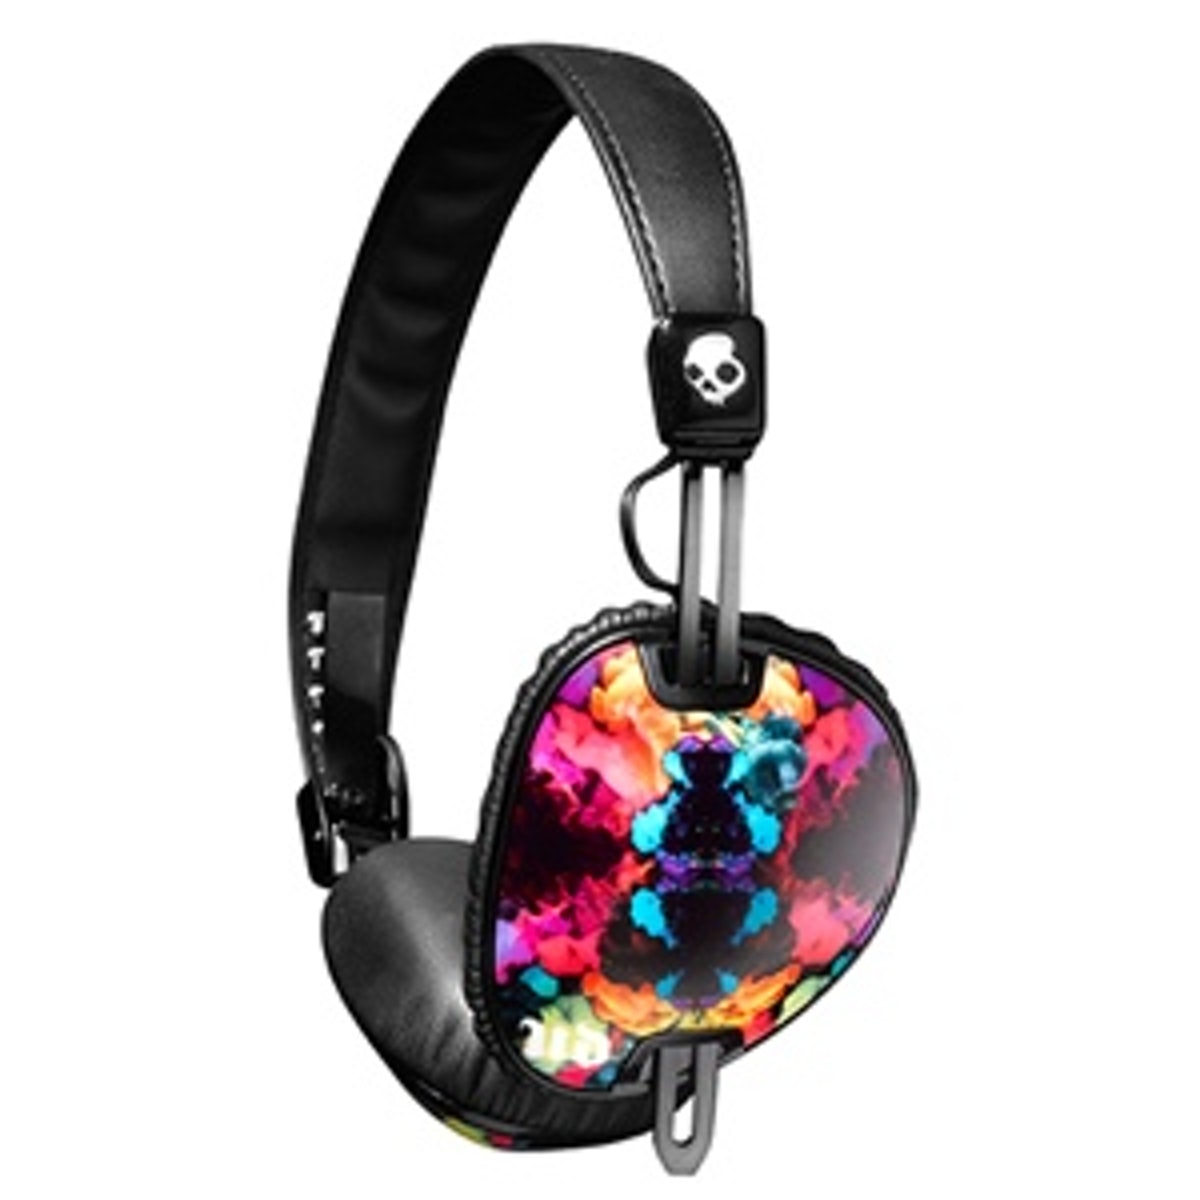 x Urban Decay Headphones